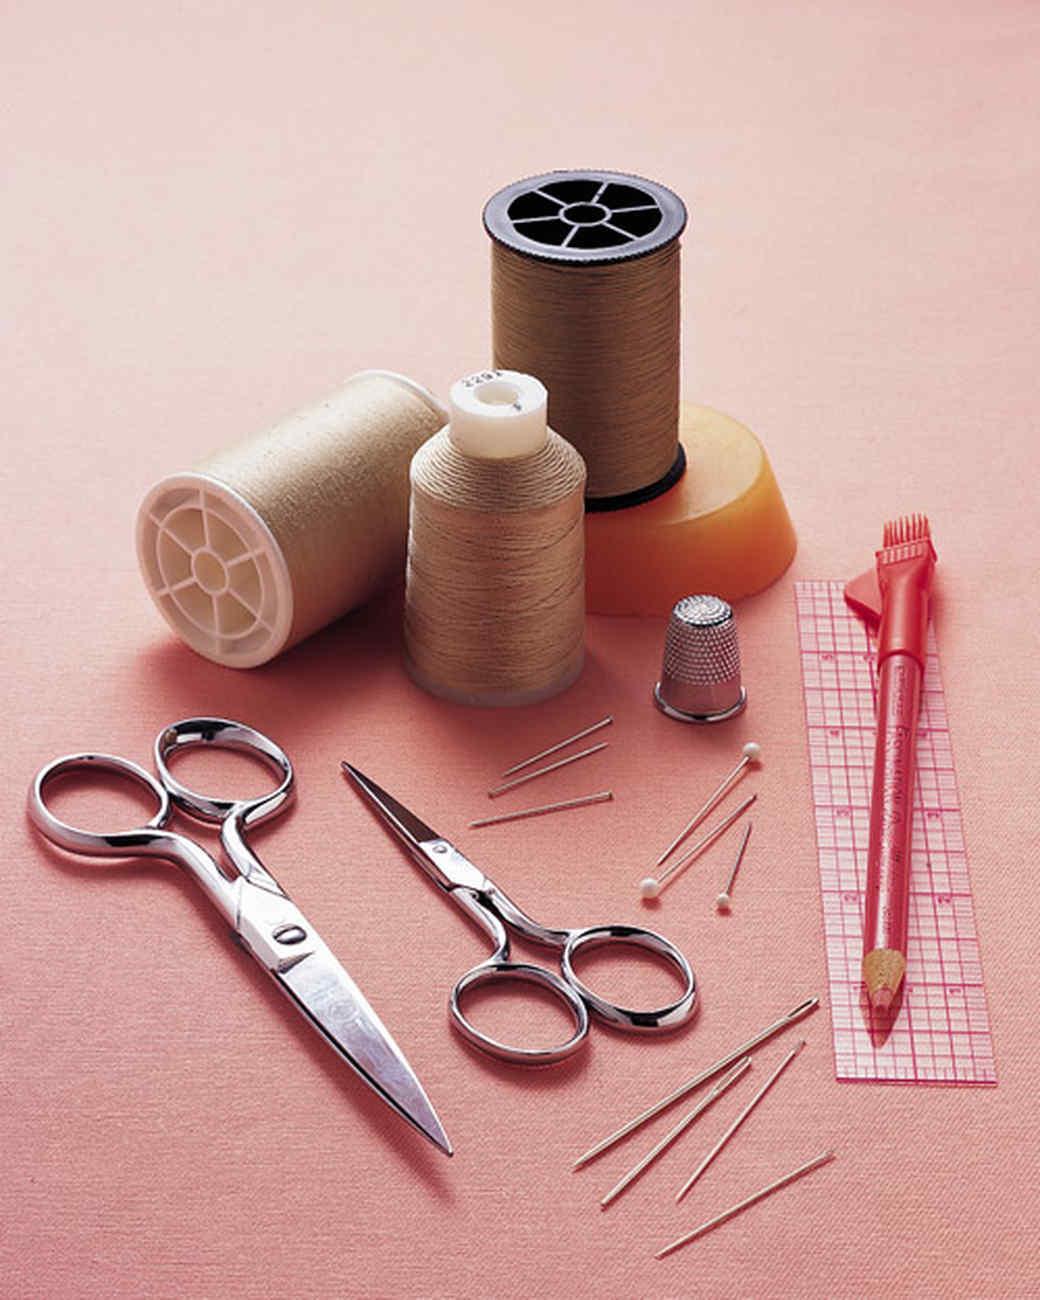 Chuẩn bị dụng cụ đầy đủ khi tiến hành khâu vá quần áo tại nhà